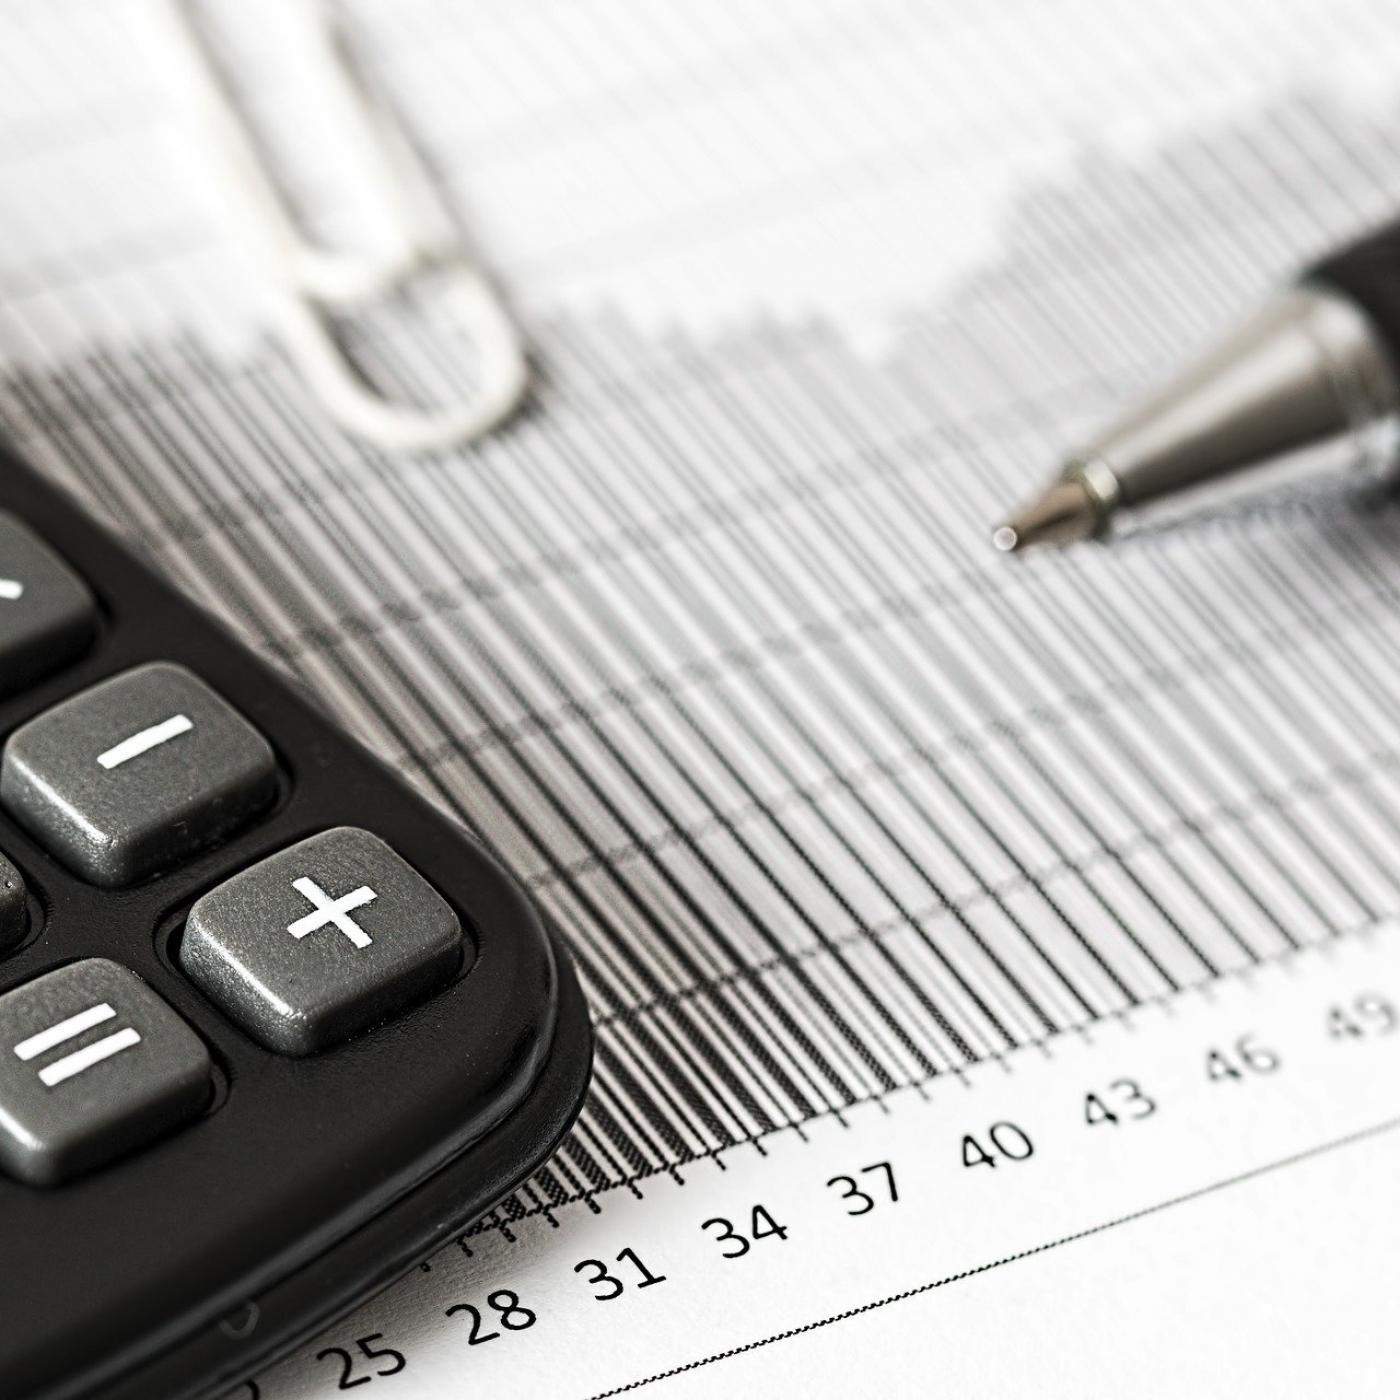 Vosges : N'oubliez pas de faire votre déclaration de revenus !